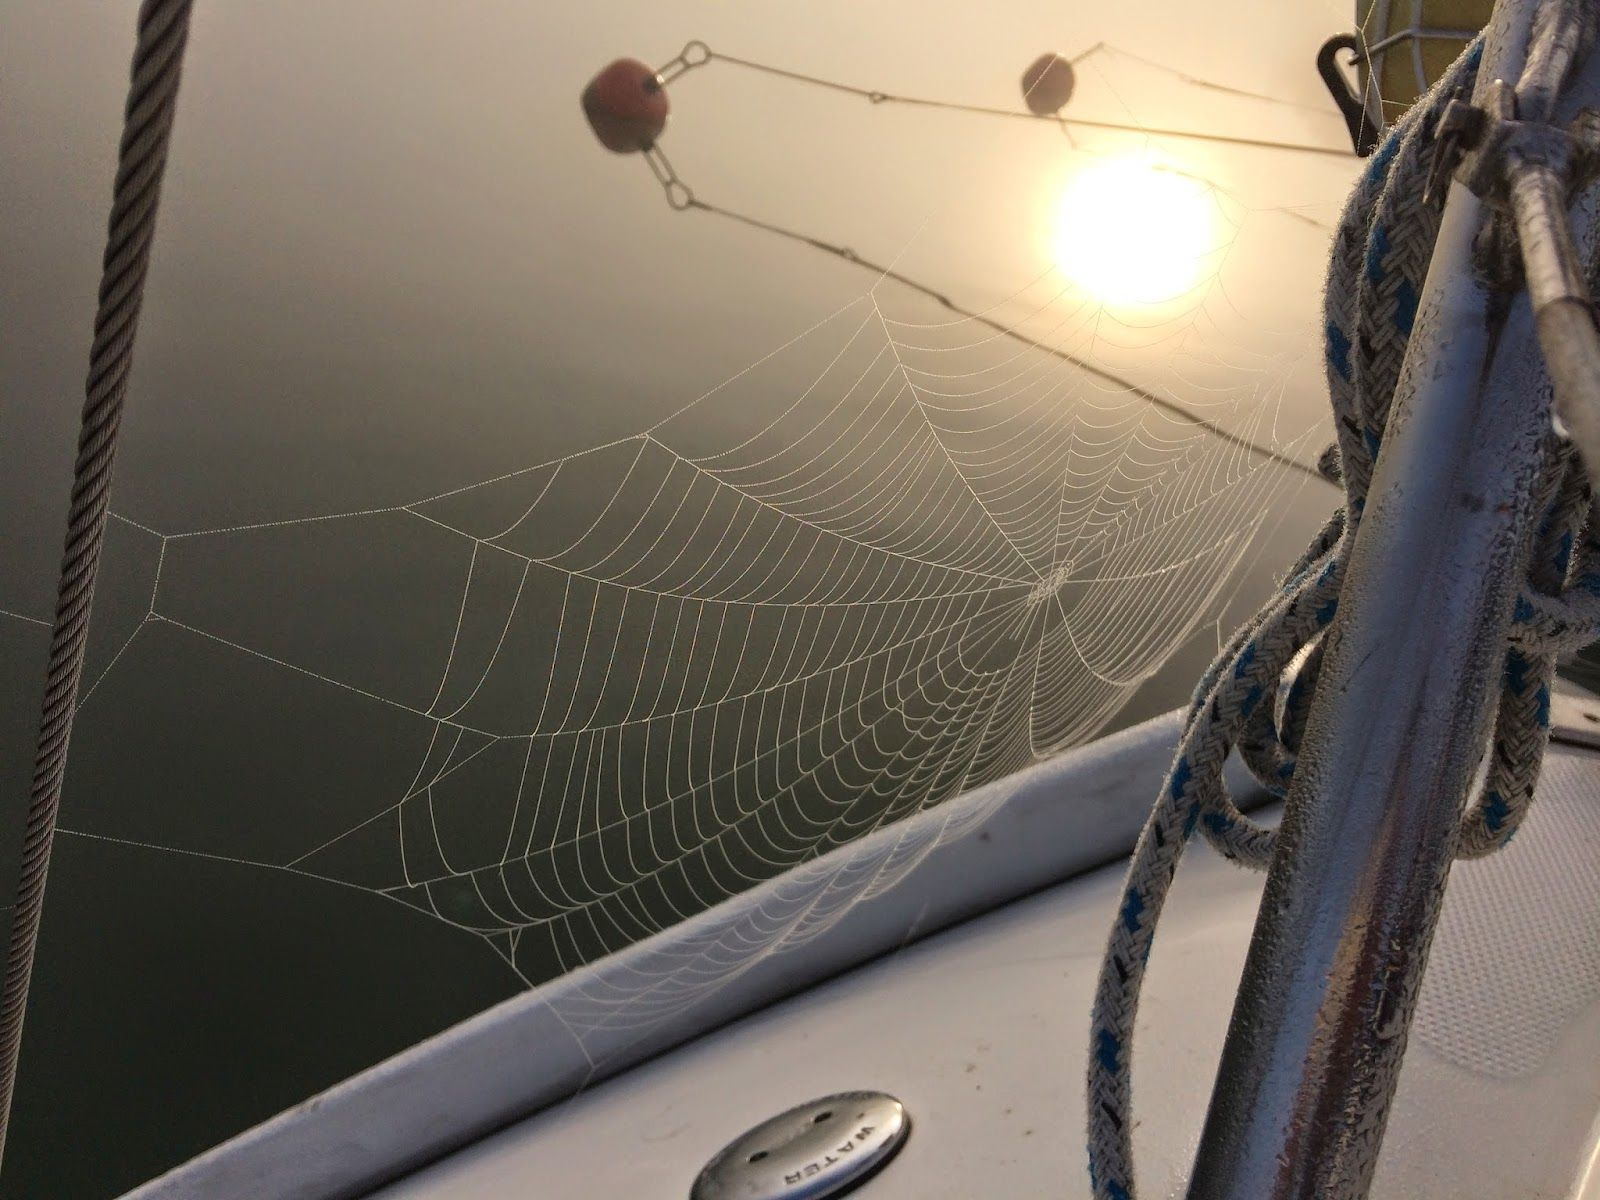 Aamusumu ja yöllinen hämähäkin verkko. http://www.sy-solsidan.blogspot.fi/